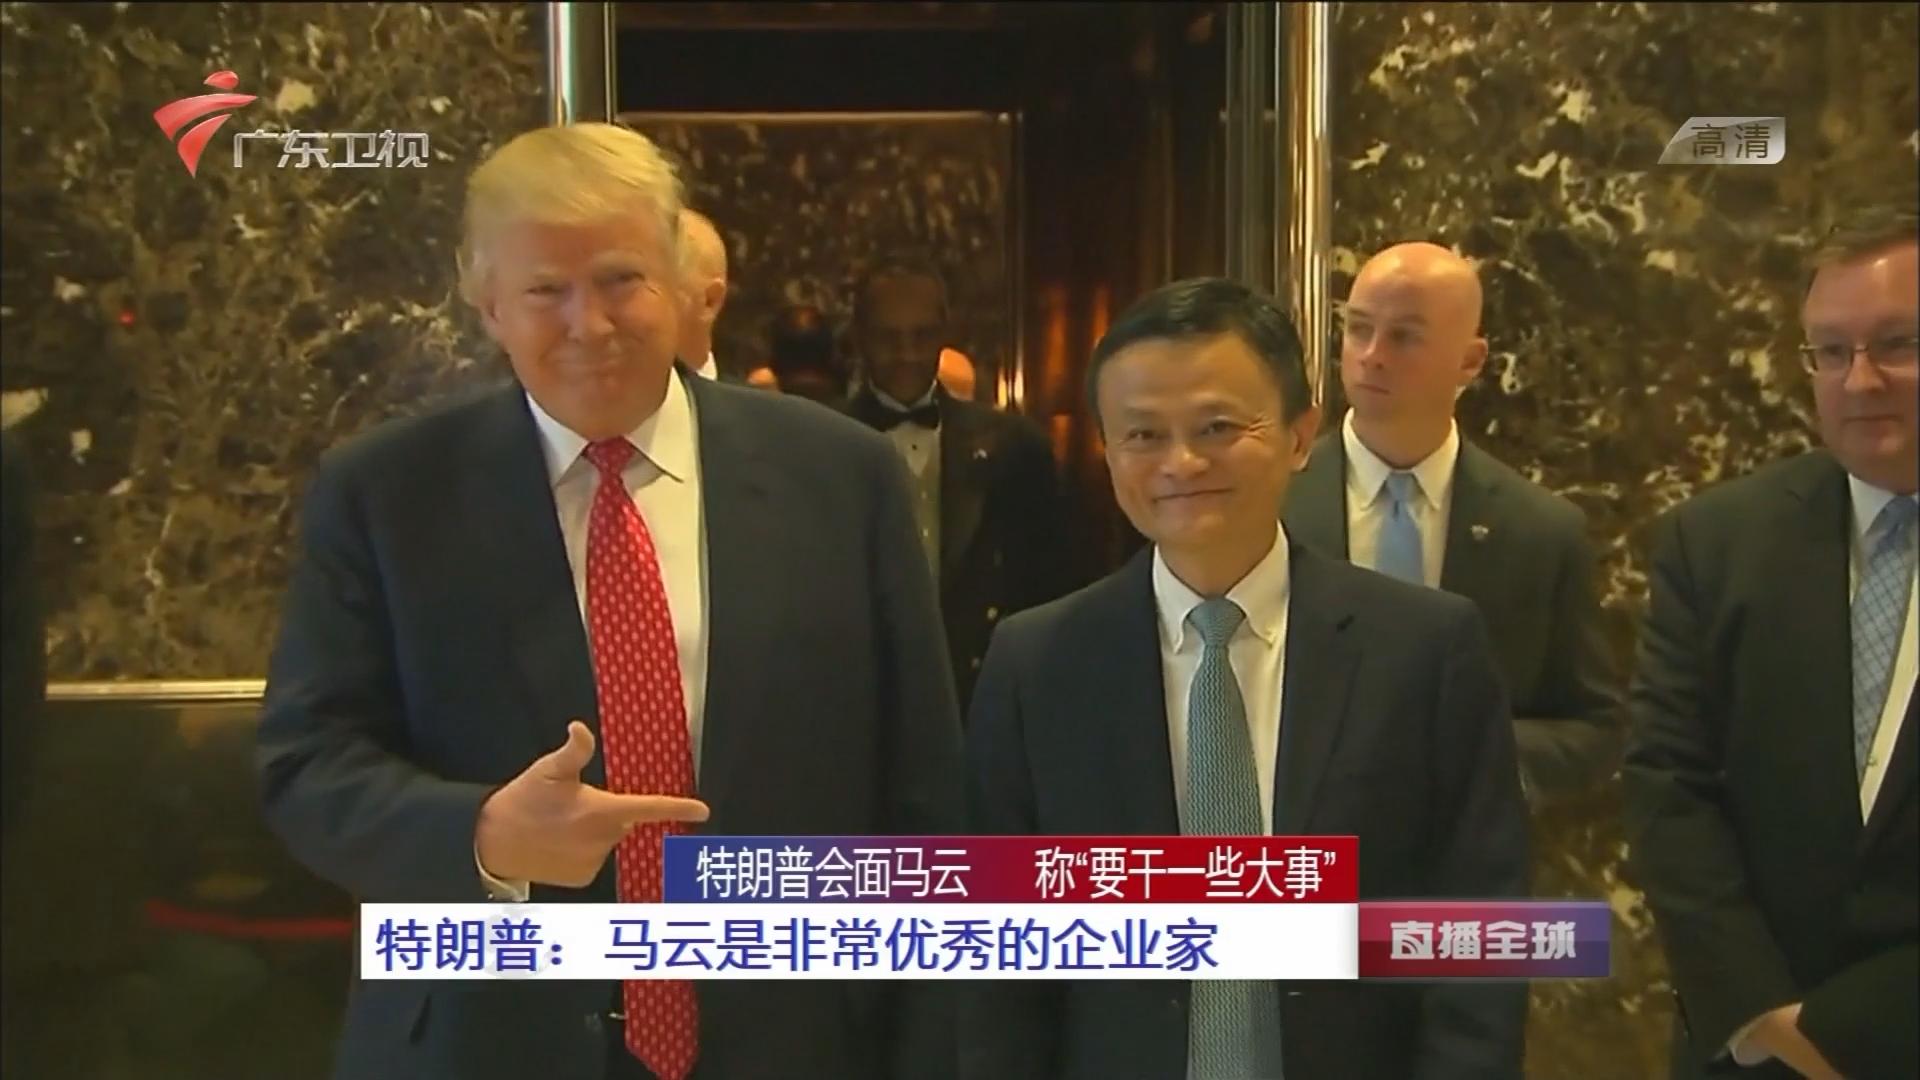 """特朗普会面马云 称""""要干一些大事"""" 特朗普:马云是非常优秀的企业家"""